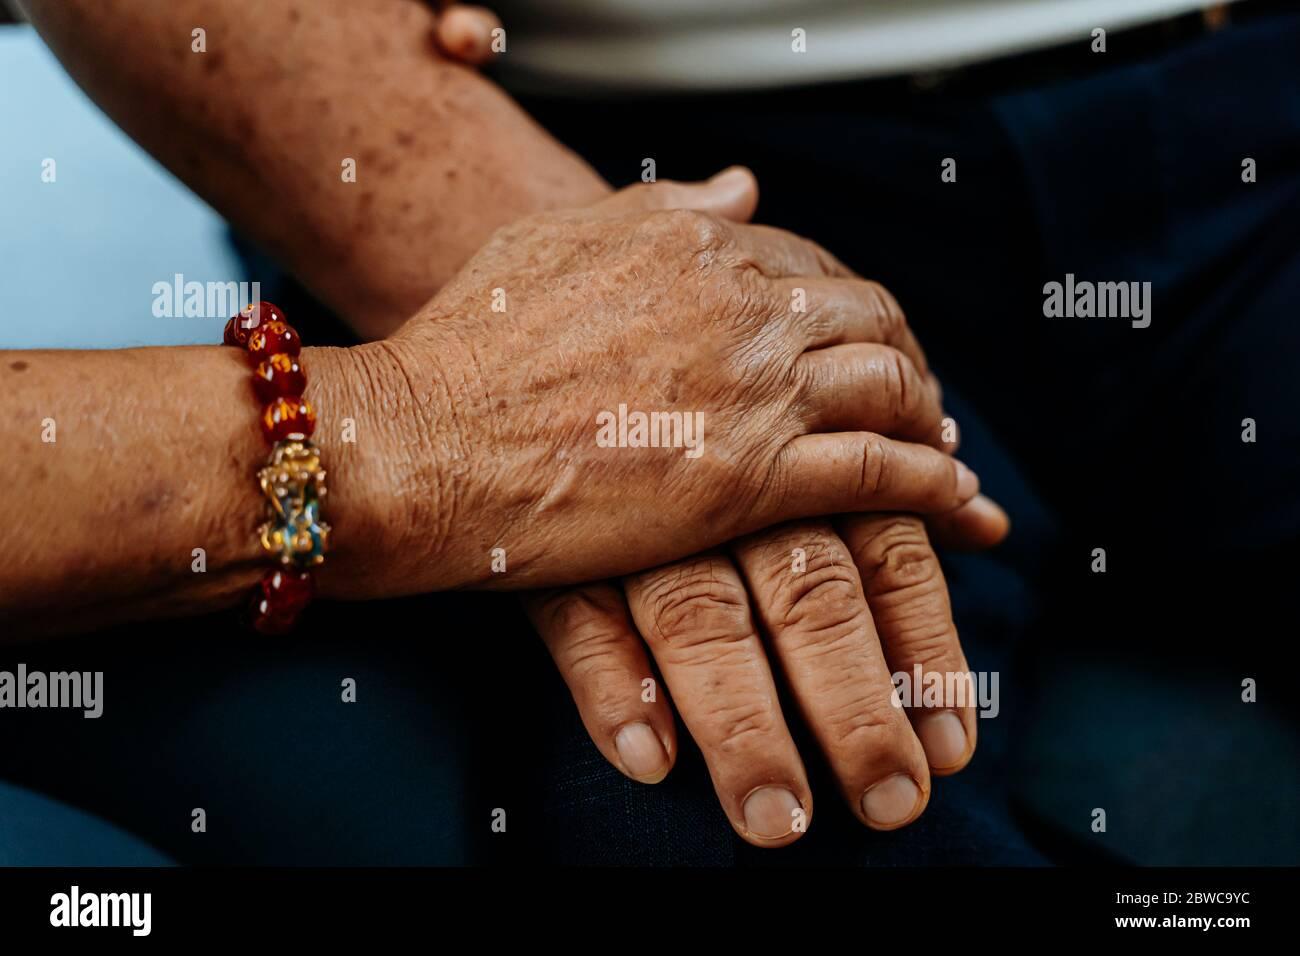 Cerca de la mano de una anciana que sostiene las manos de un anciano. Concepto de amor romántico duradero para siempre Foto de stock